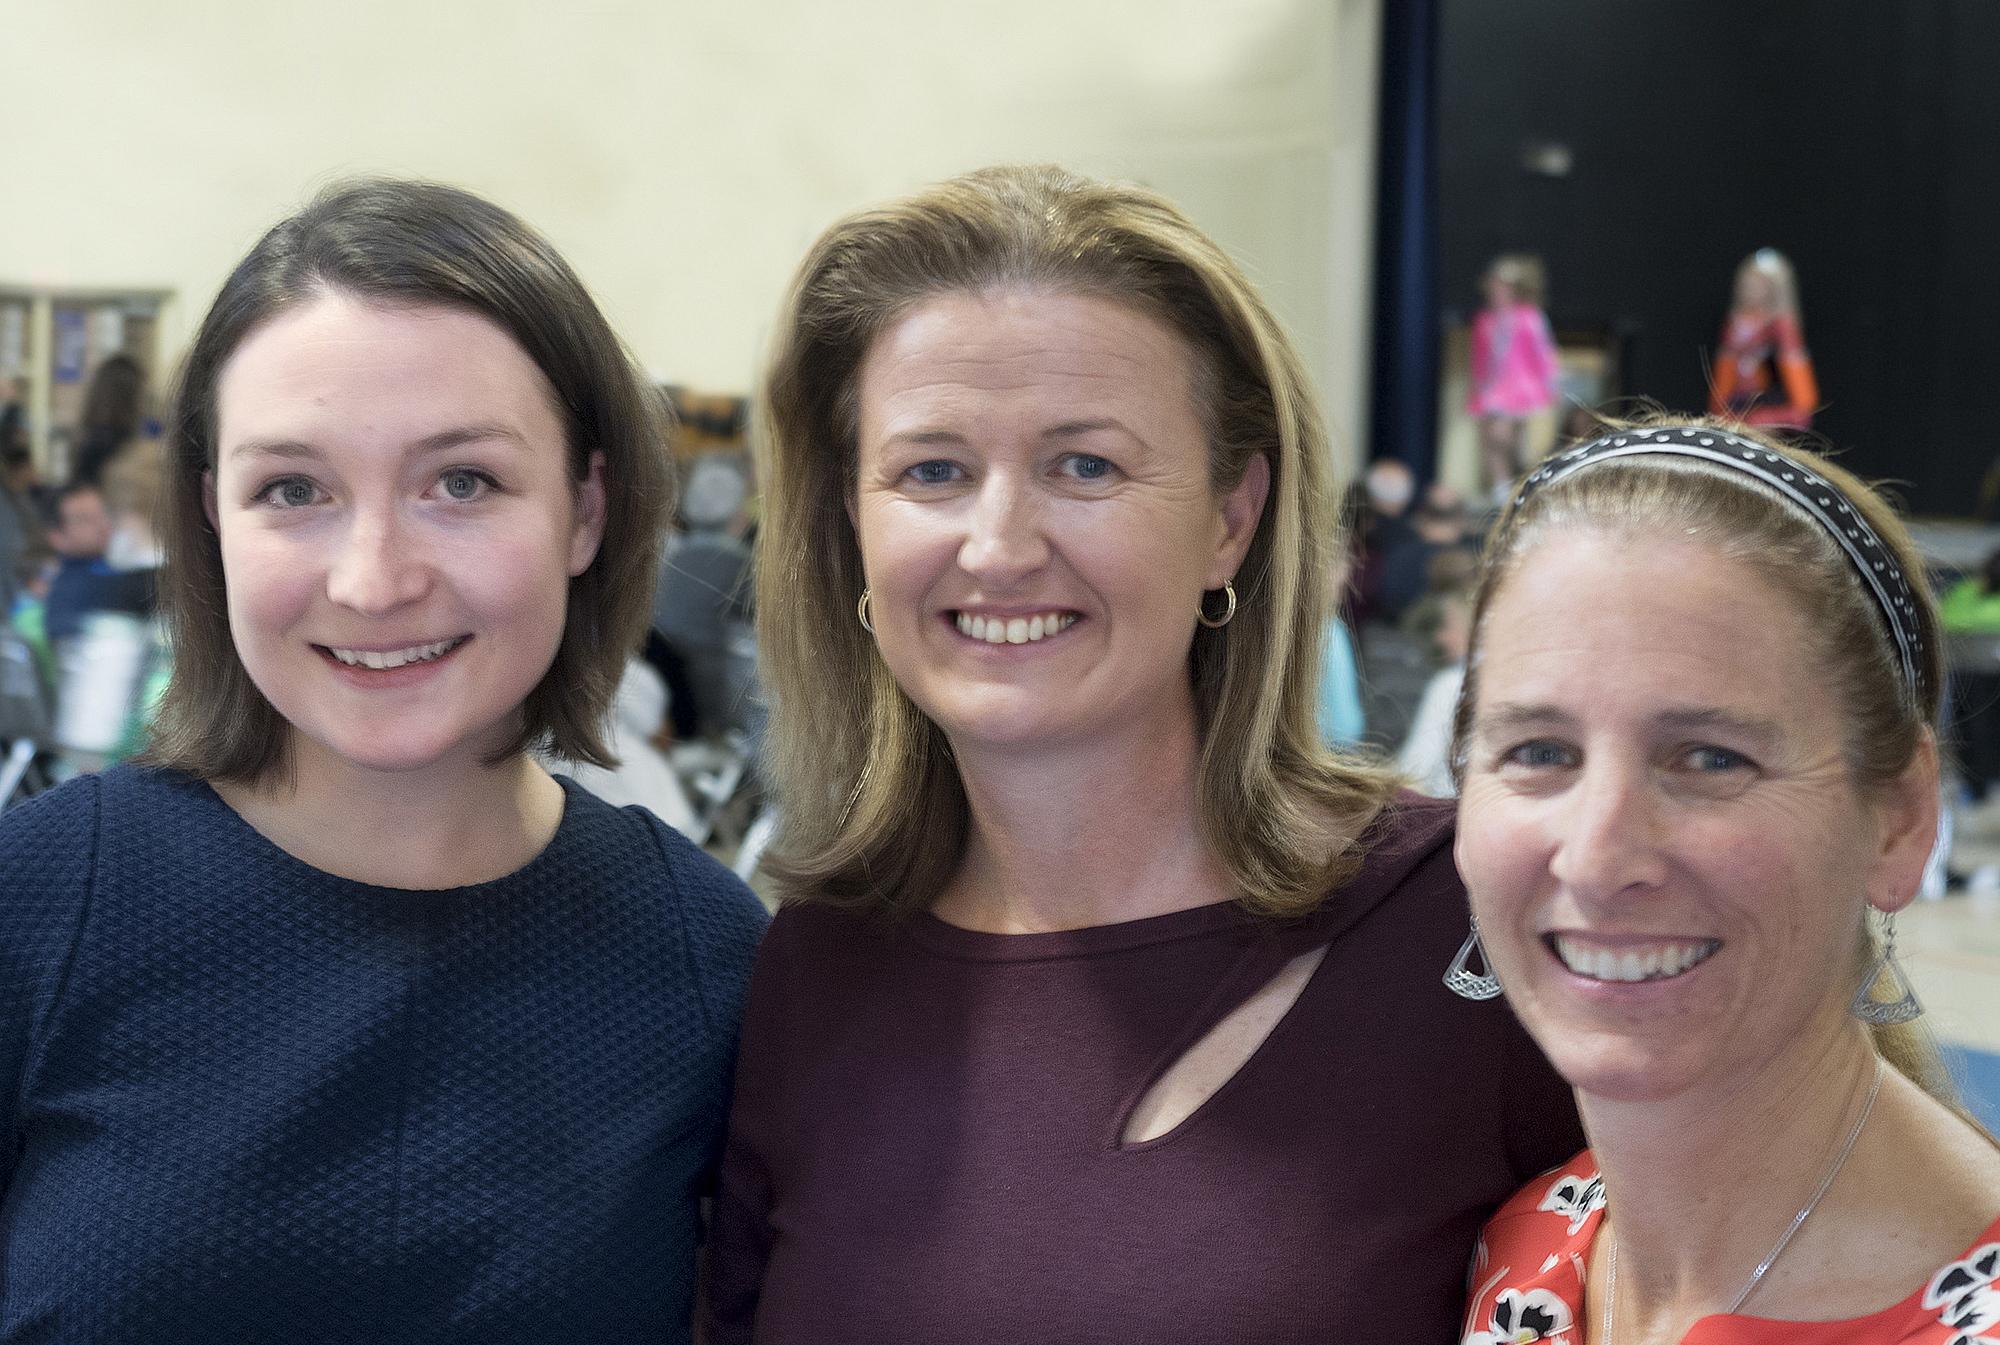 Caitlin O'Neill, TCRG | Áine Walsh Kelley, TCRG | Colleen King, TCRG